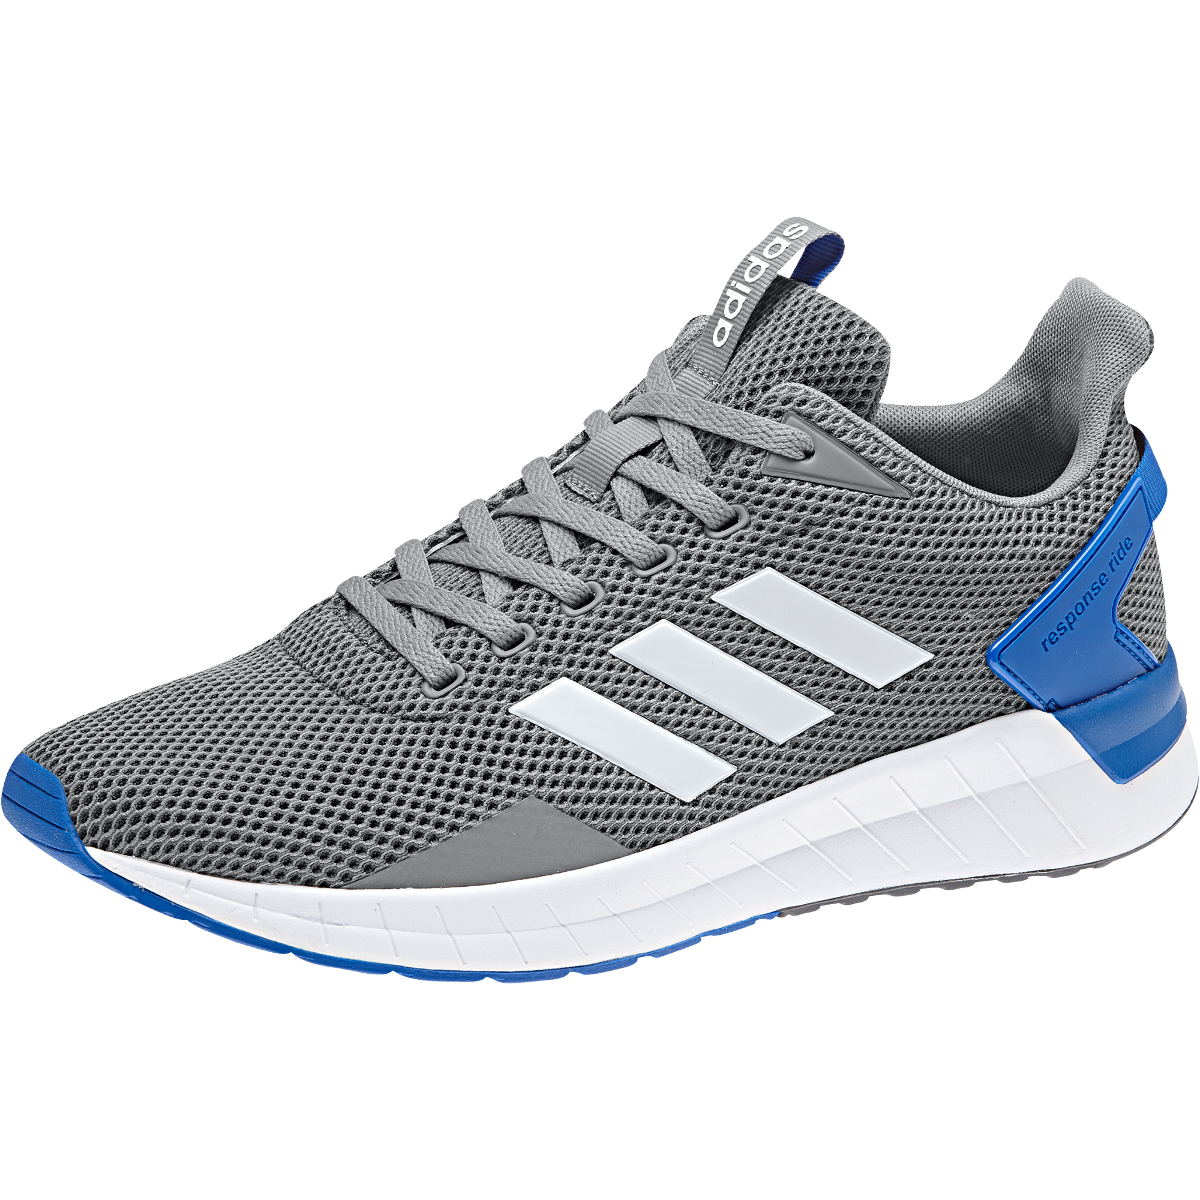 Adidas Men's Questar Ride Running Shoes - Black, 9.5